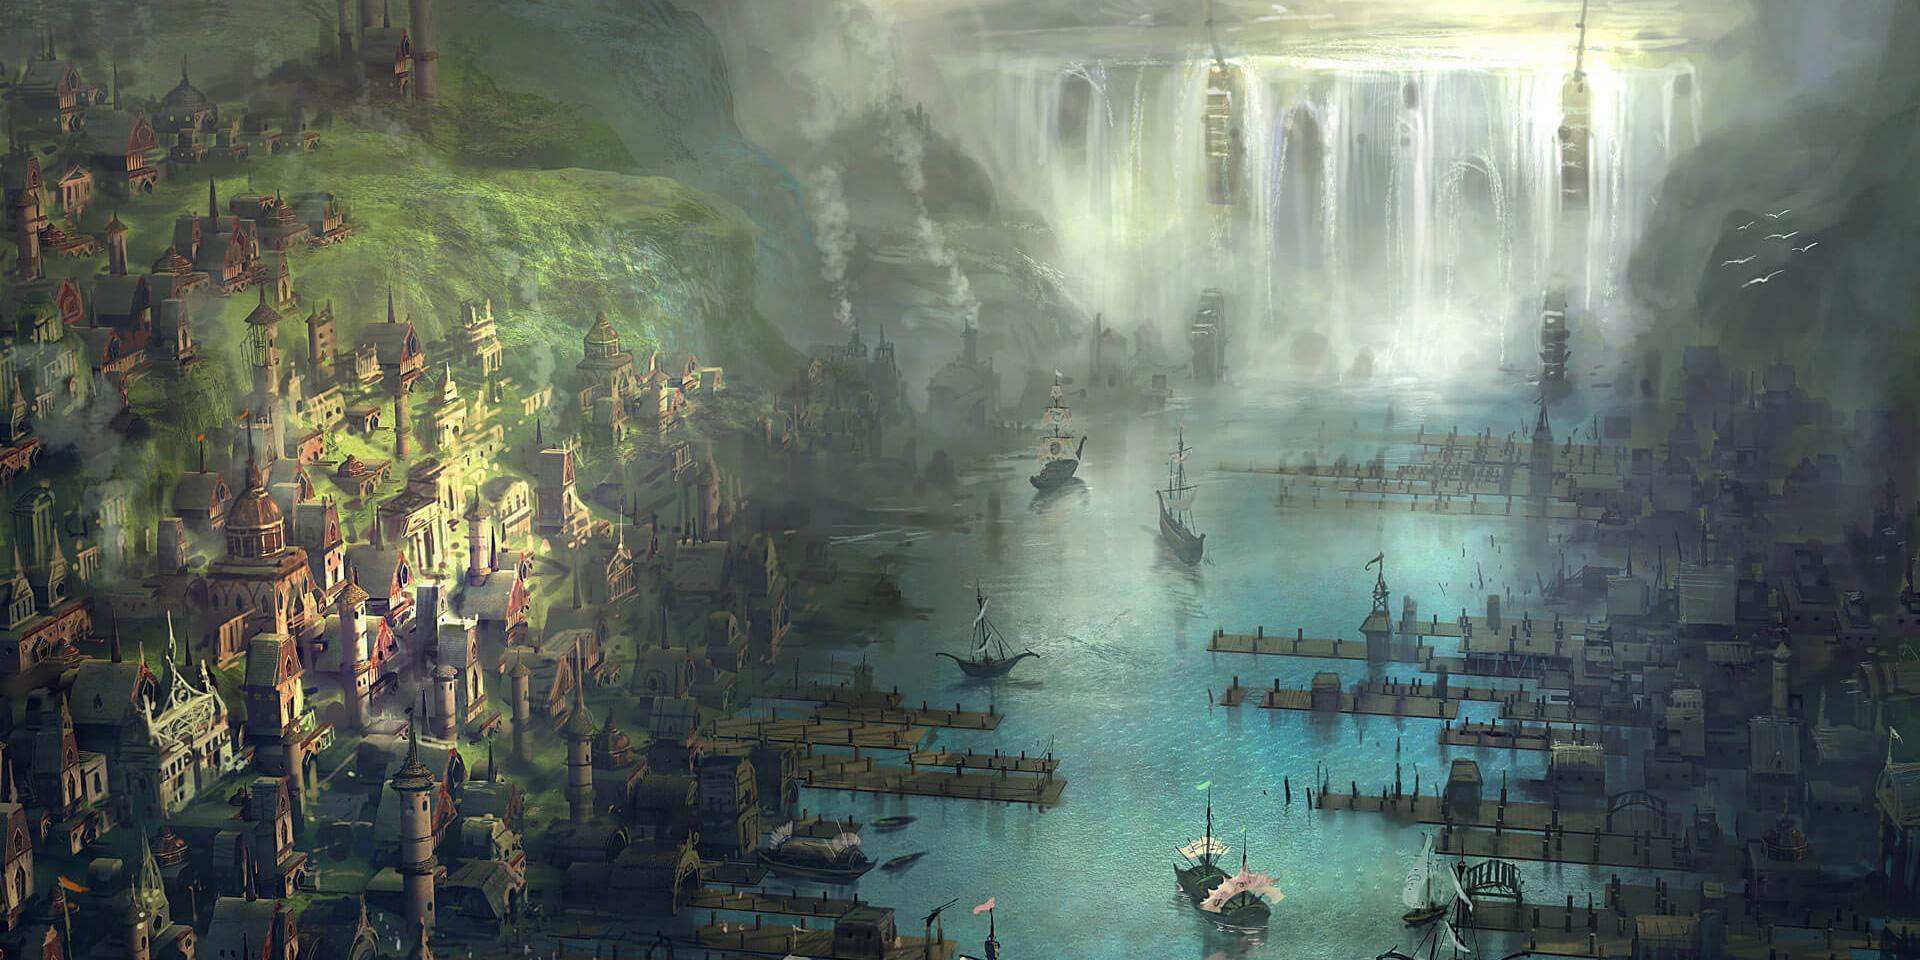 MMO-индустрия: Брэд Макквейд: Я хочу создавать миры, а не игры